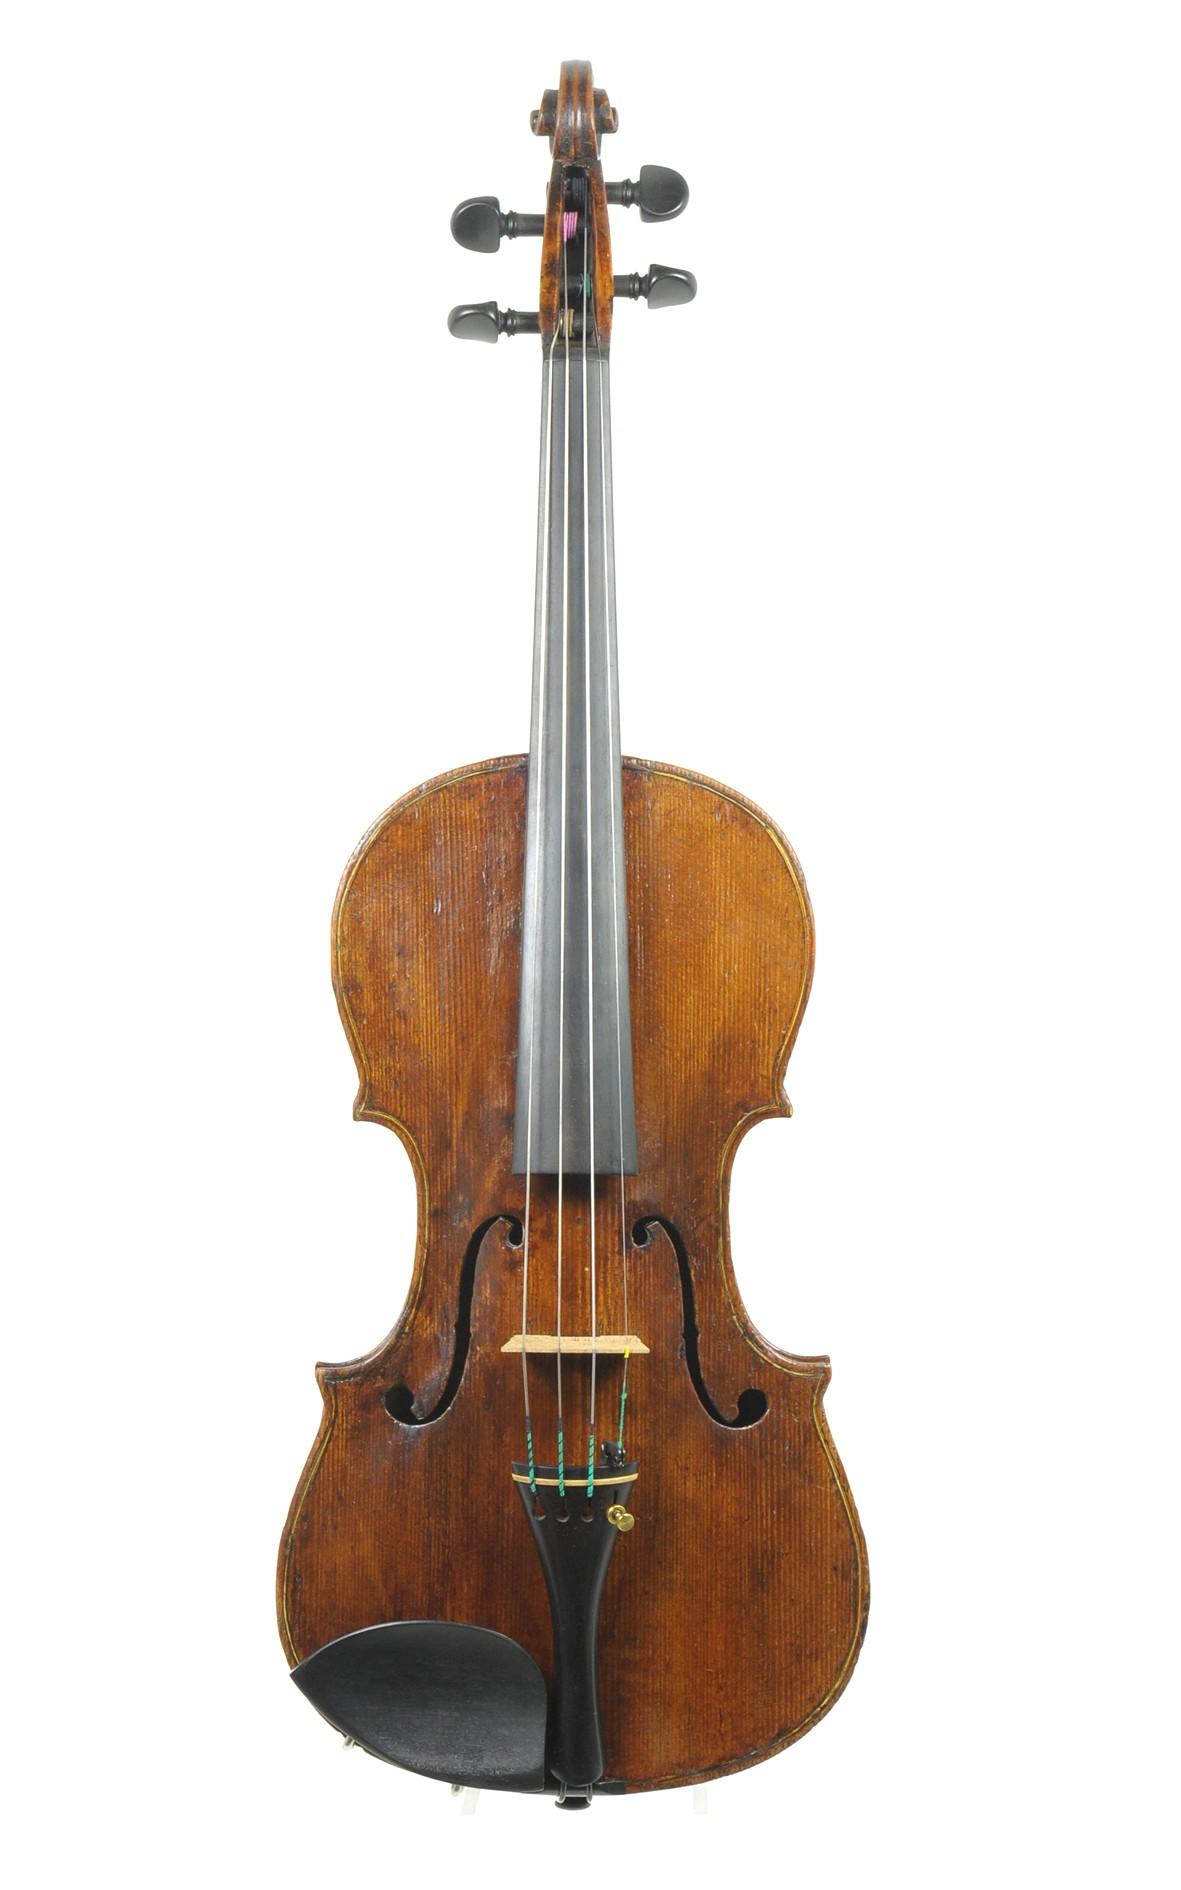 Zentral italienische Geige, spätes 18. Jahrhundert - Decke